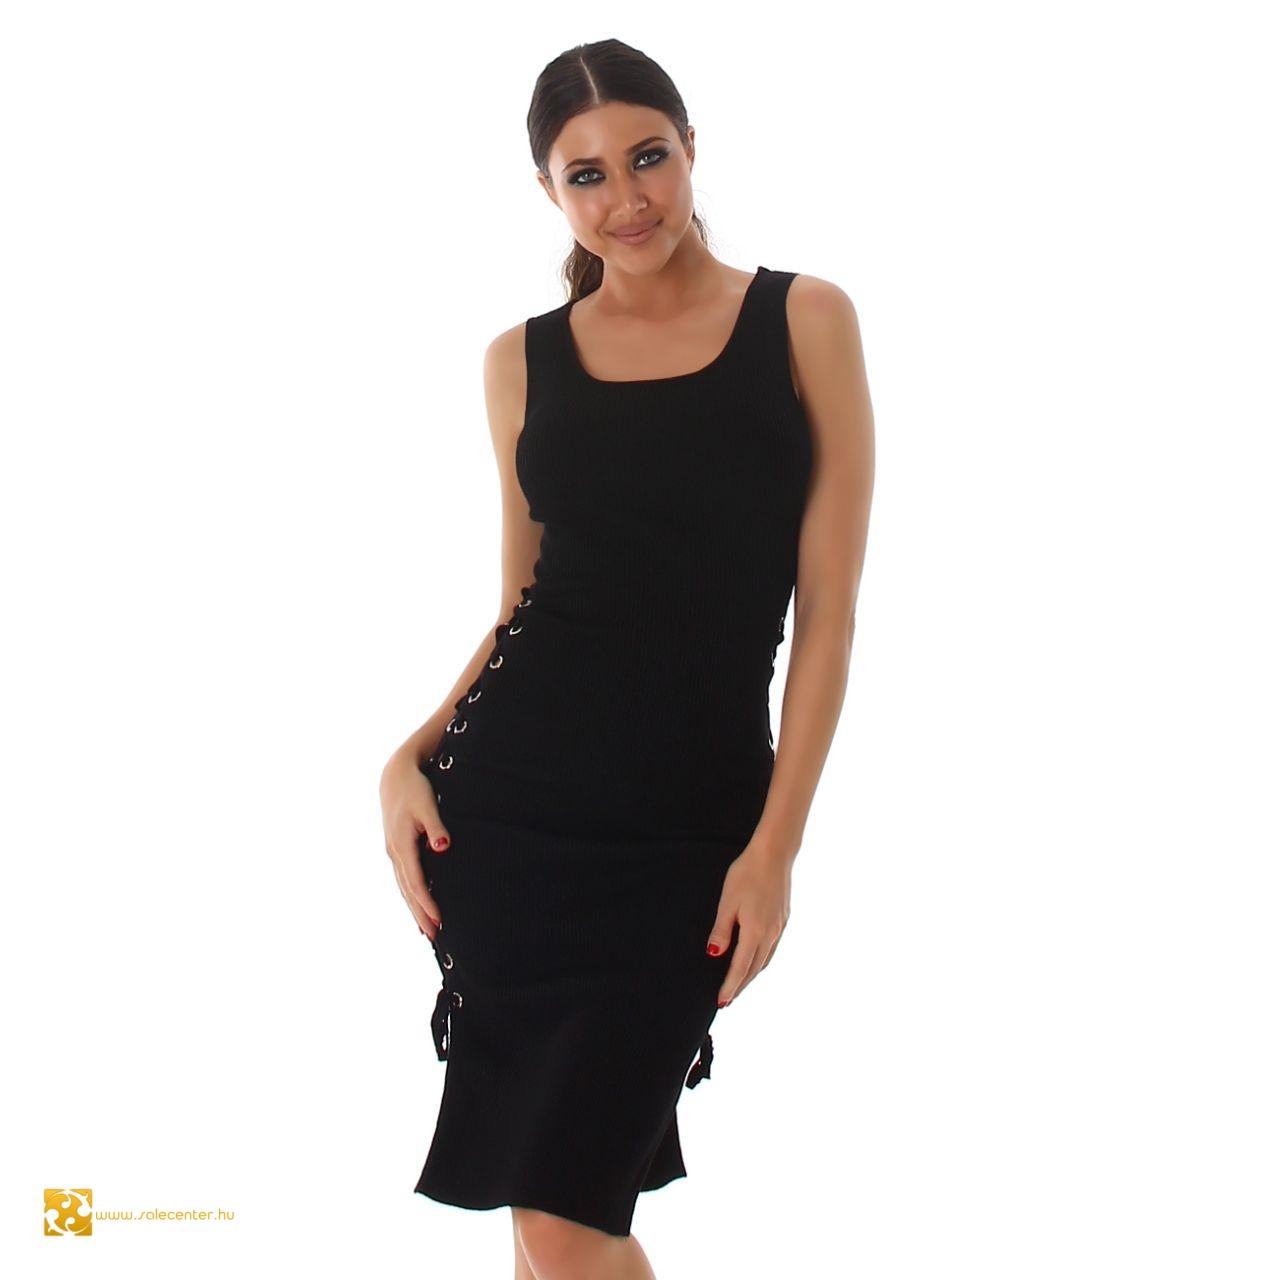 Térdig érő fazonú fűzős ruha 5 színben